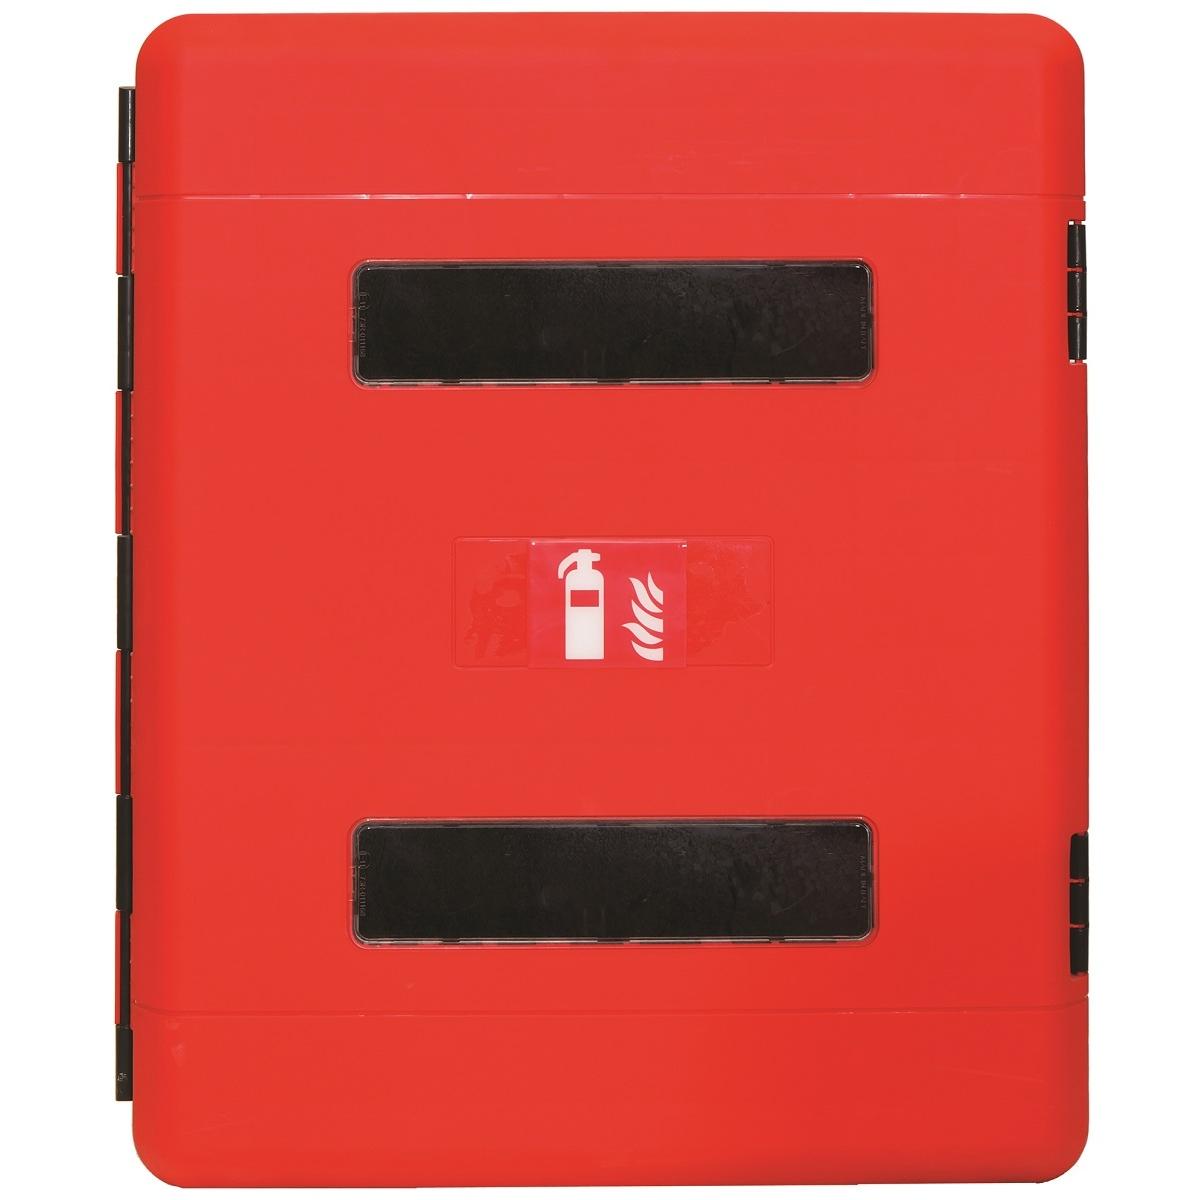 Θήκη Πυροσβεστήρα 6kg-12kg Πλαστική Διπλή